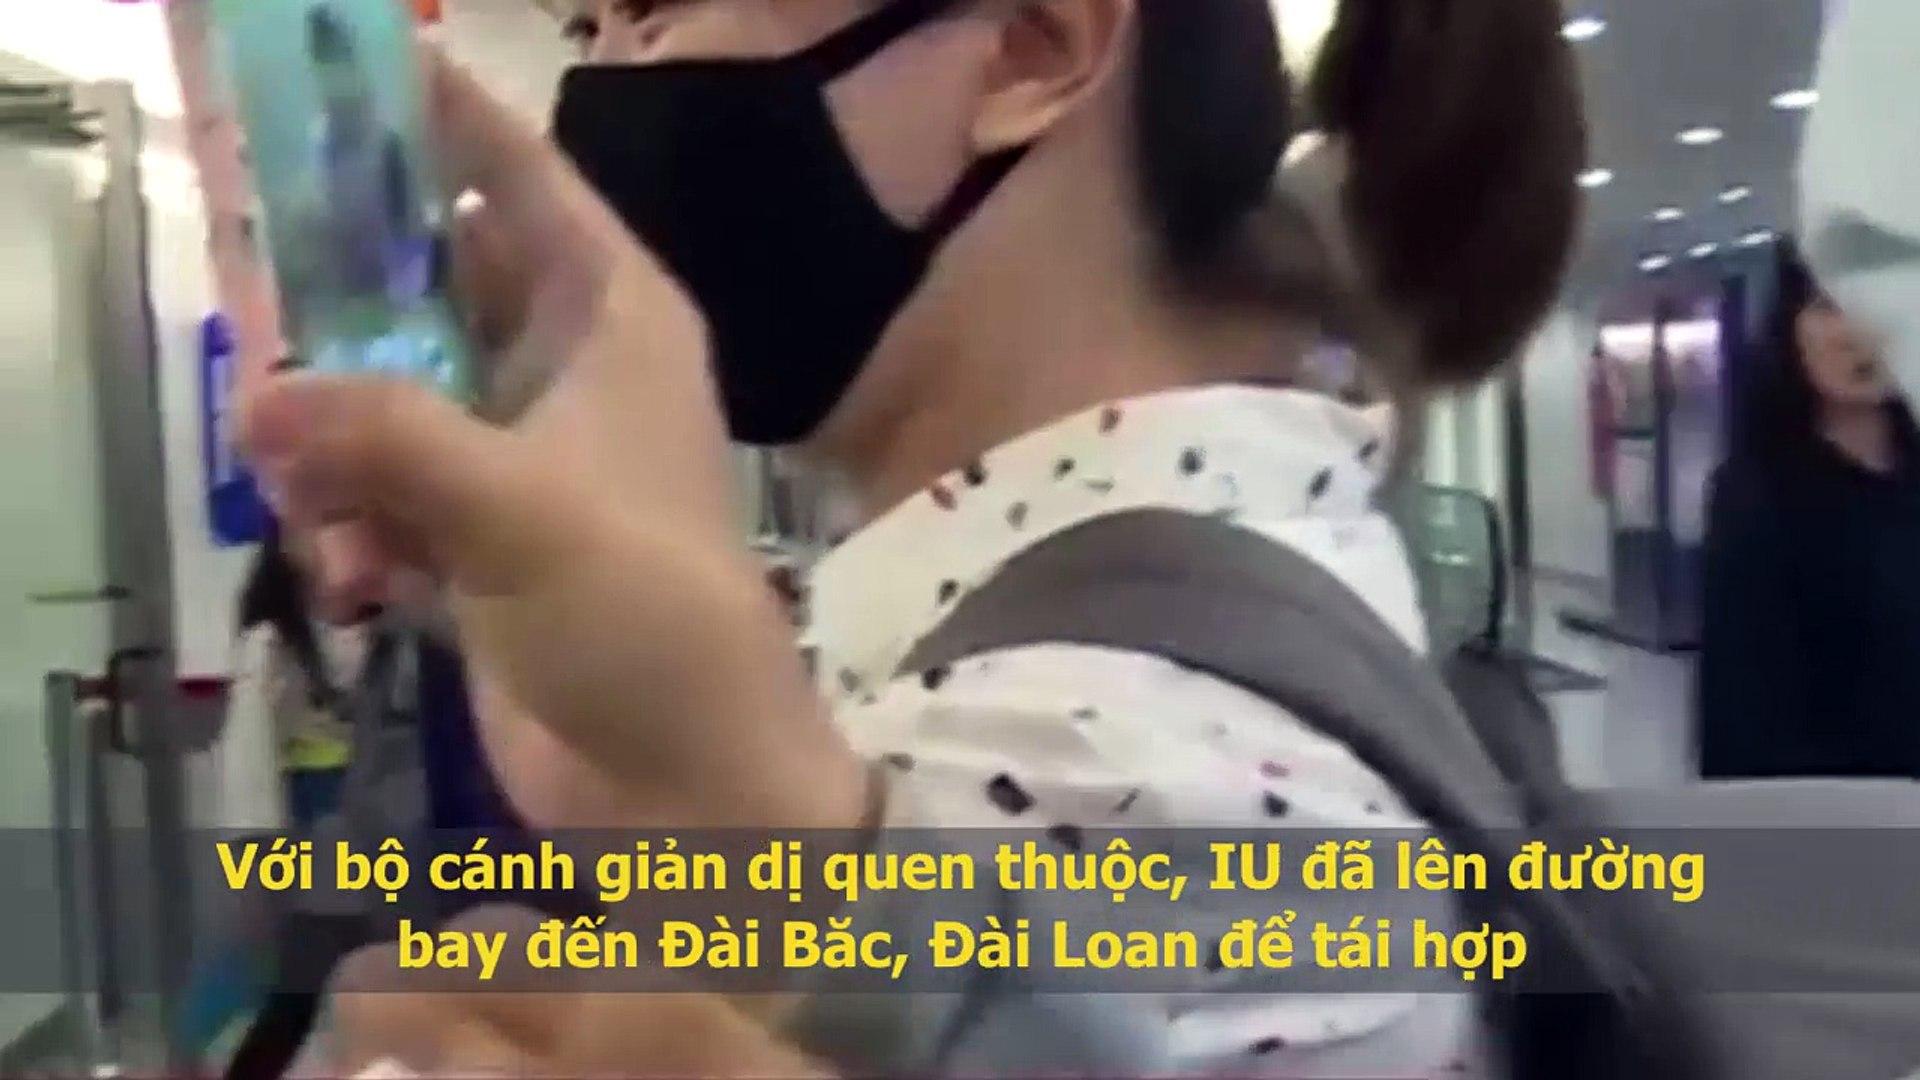 Fan thích mê khi chứng kiến IU âm thầm đến Đài Loan tái hợp cùng G-Dragon trong concert World Tour k